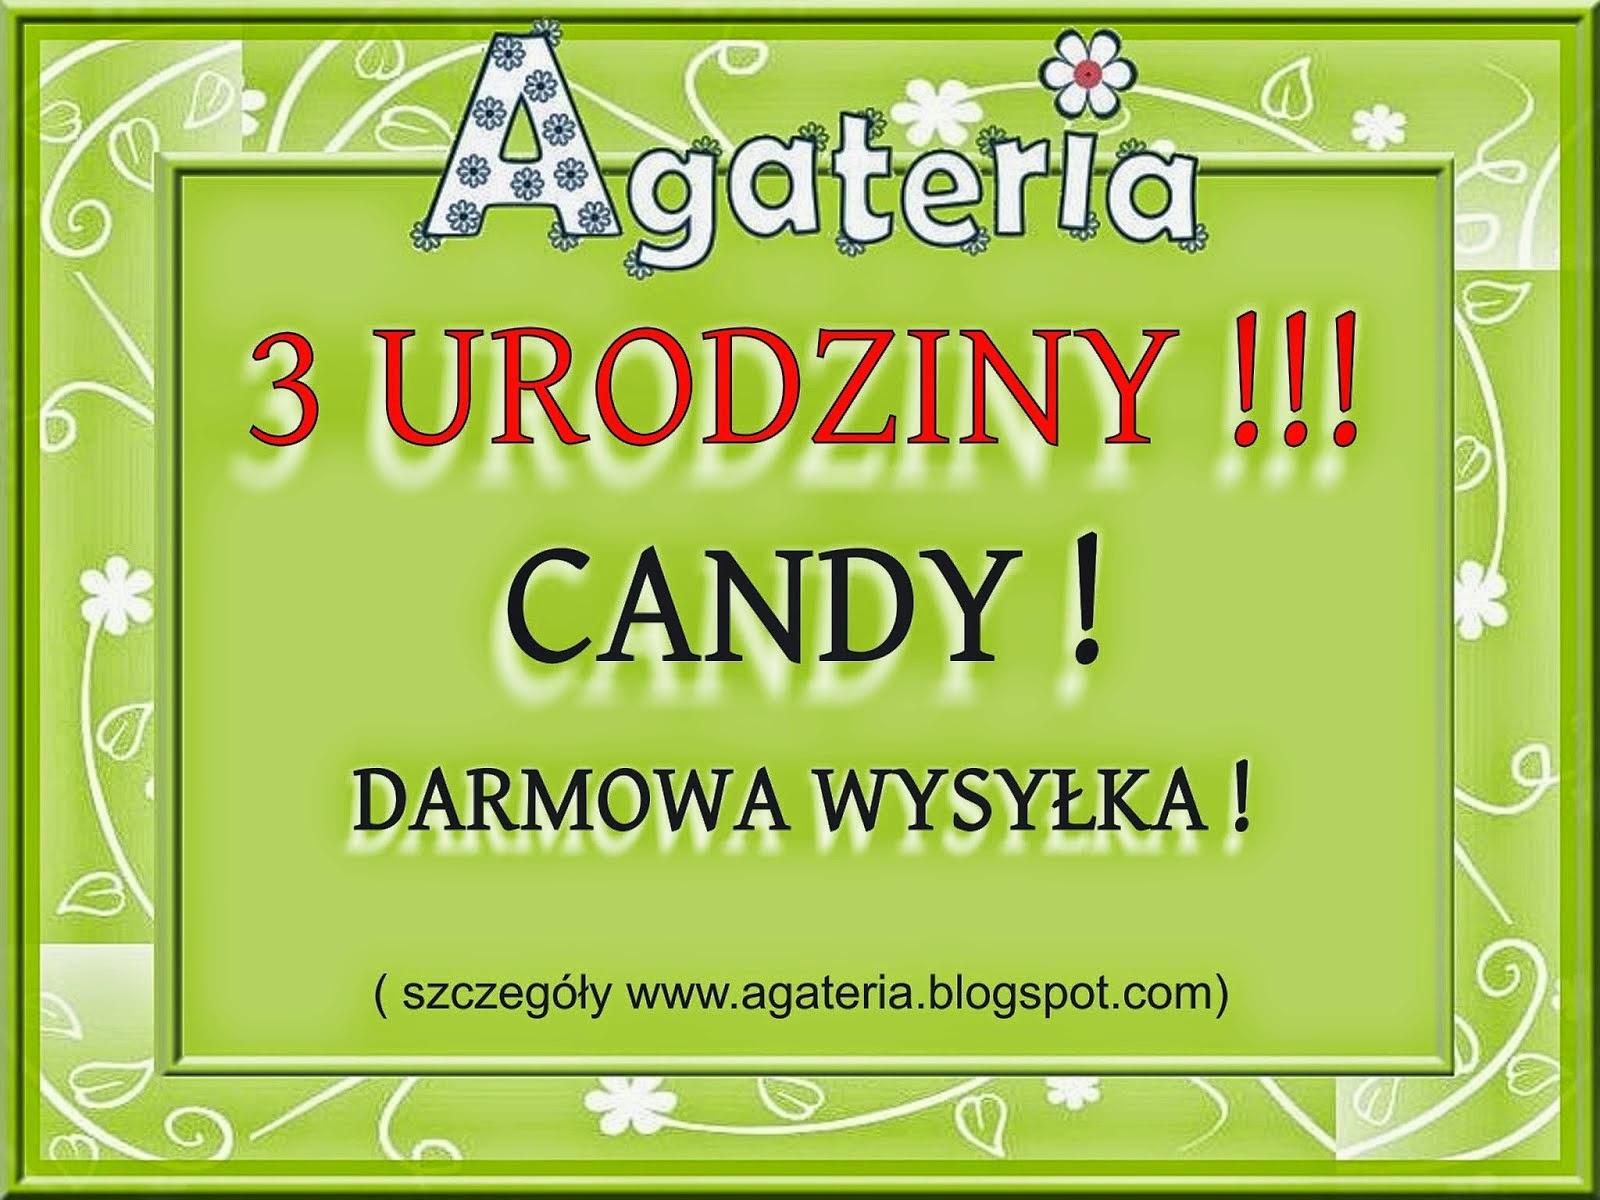 Candy Agateria